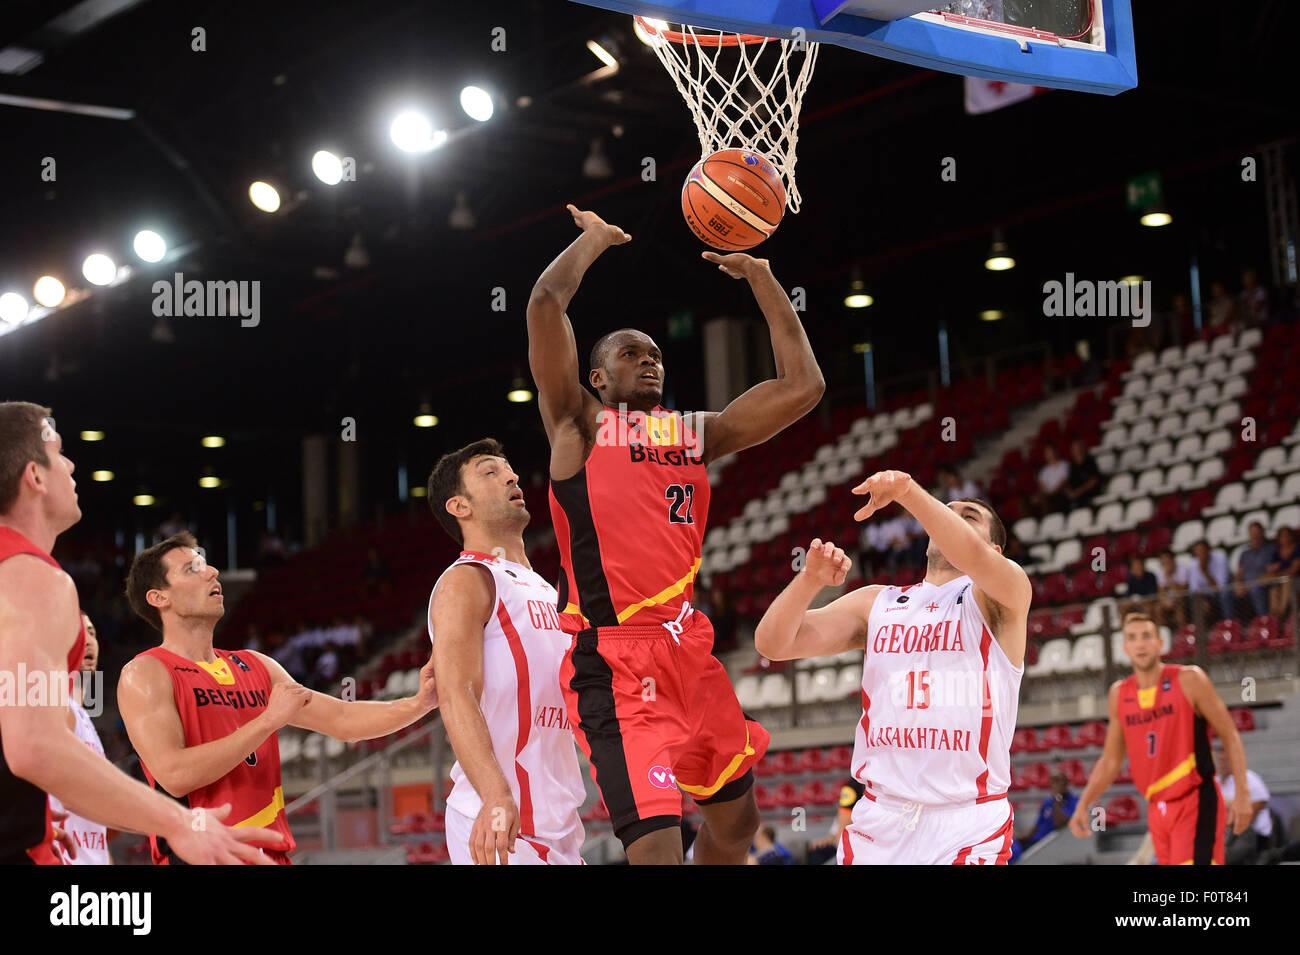 Parigi, Francia. 20 agosto 2015. Basket Internazionale amichevole. Belgio contro Georgia. Kevin Tumba (Bel) Credito: Immagini Stock